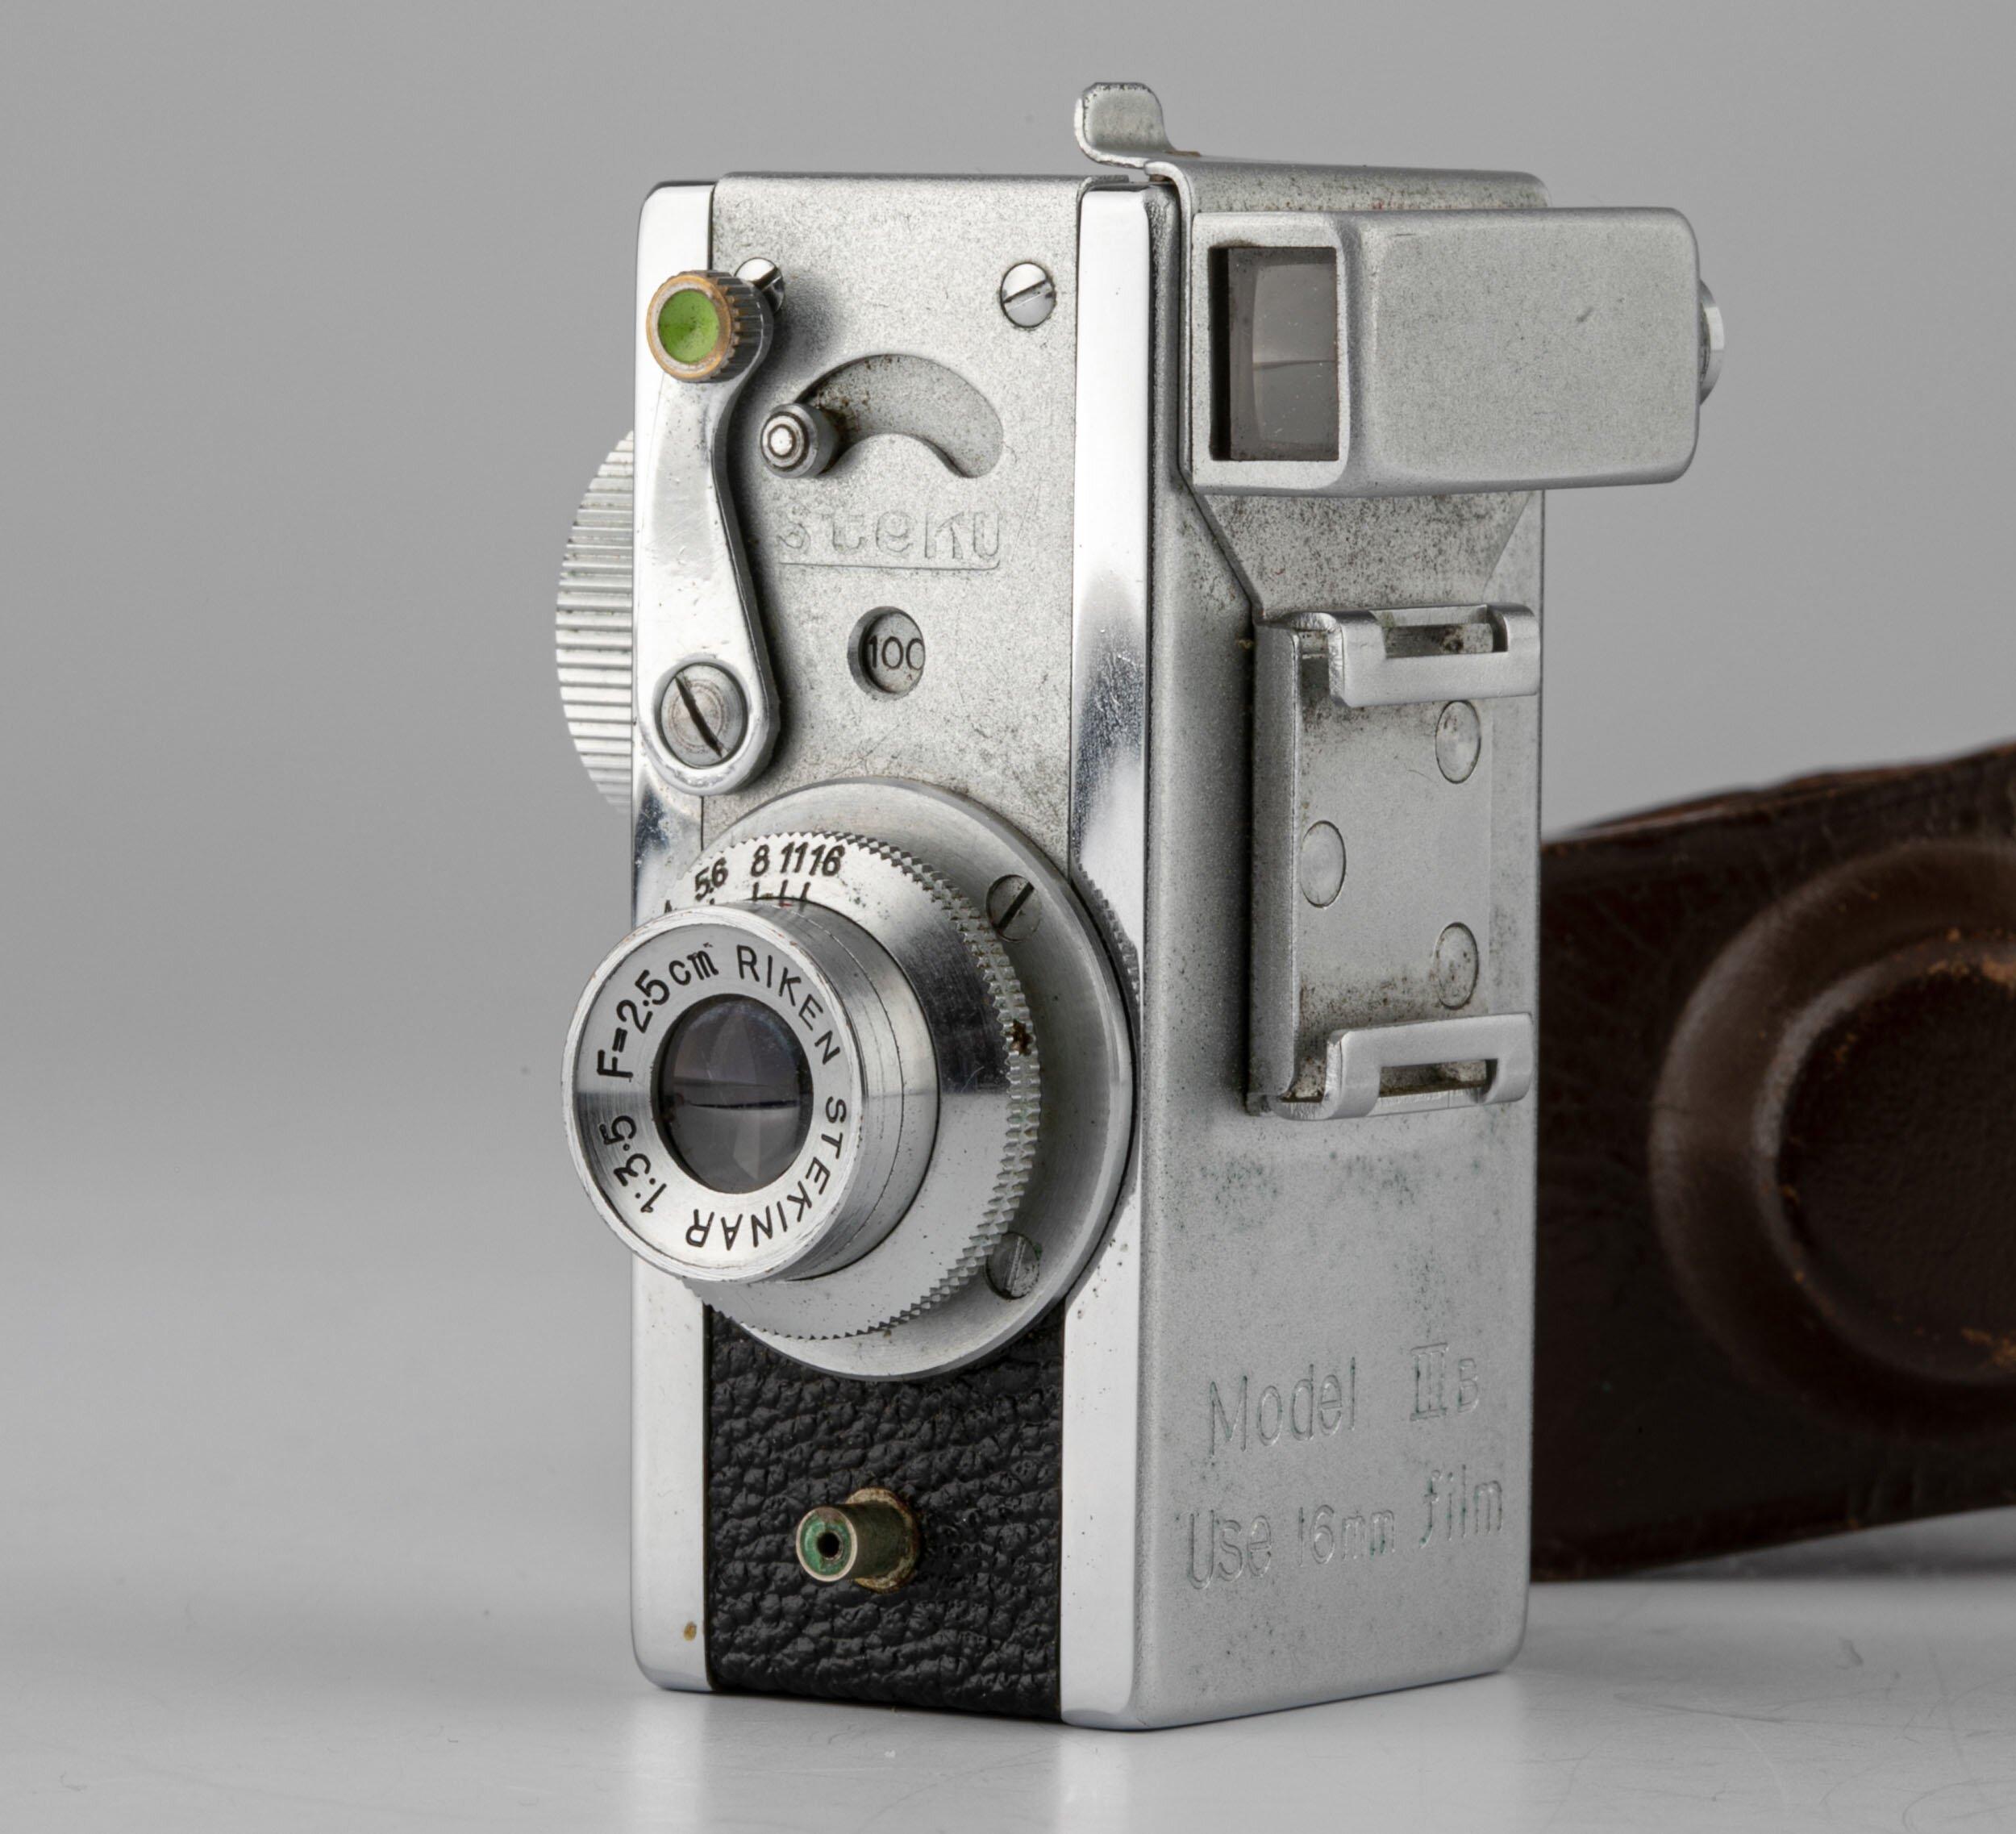 Riken Steky IIIb mit Stekinar 3,5/25mm Miniaturkamera